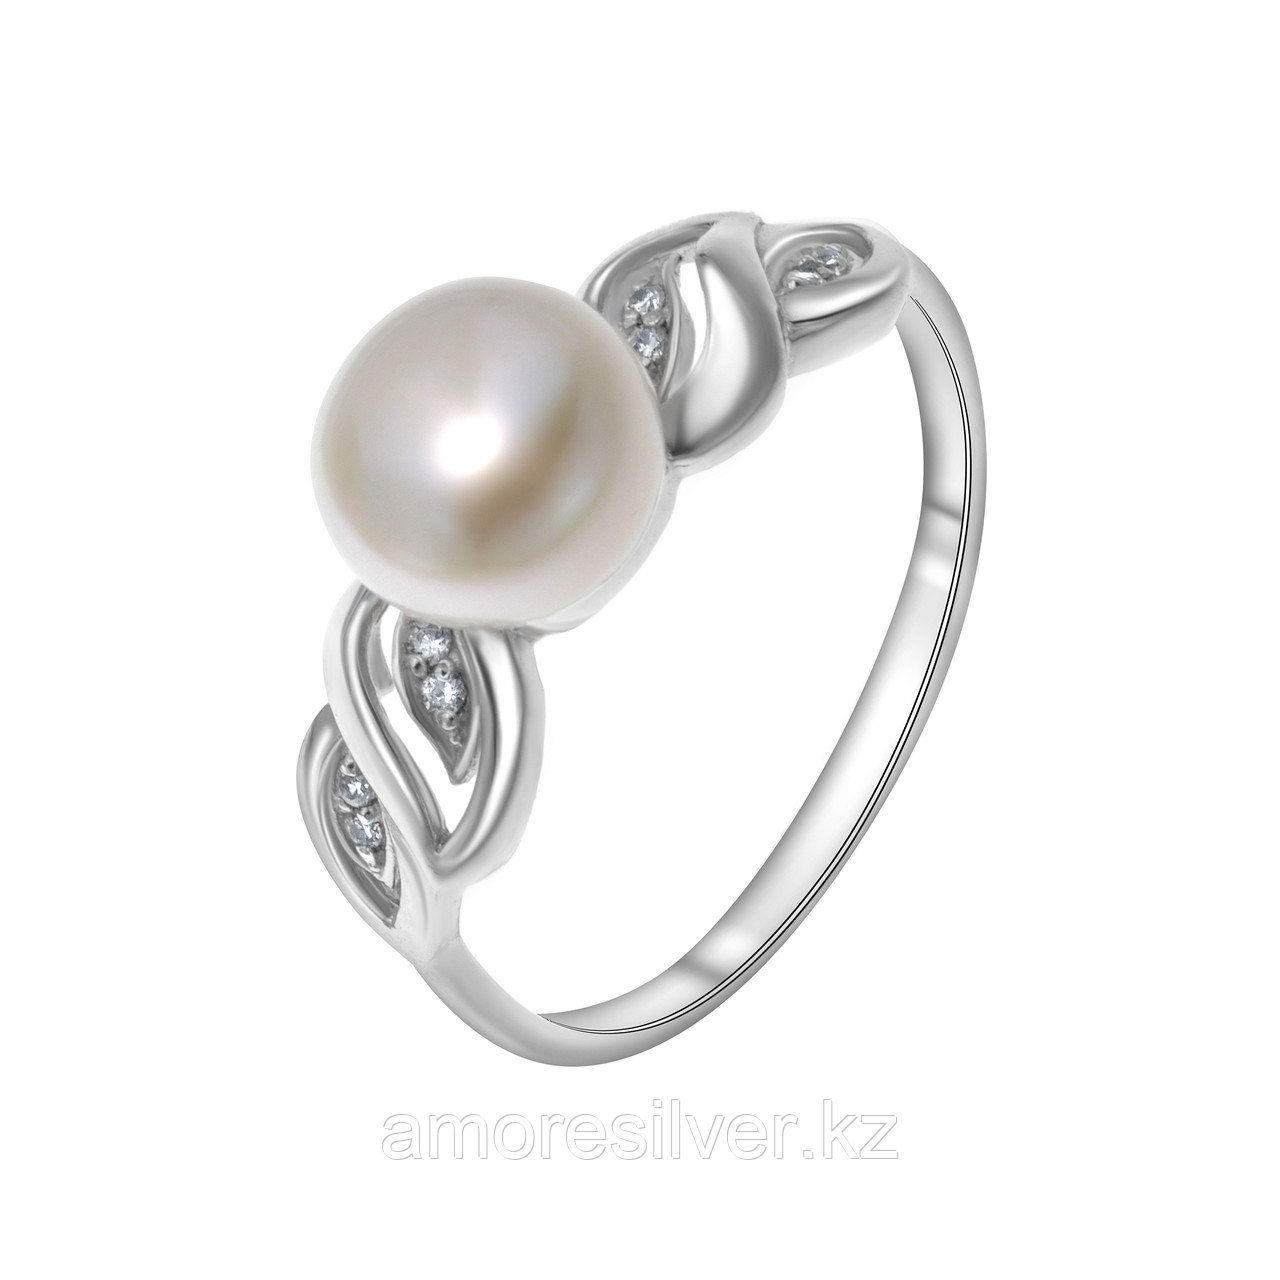 Кольцо TEOSA серебро с родием, жемчуг культ. фианит, ажурное 190-9-792Р размеры - 18